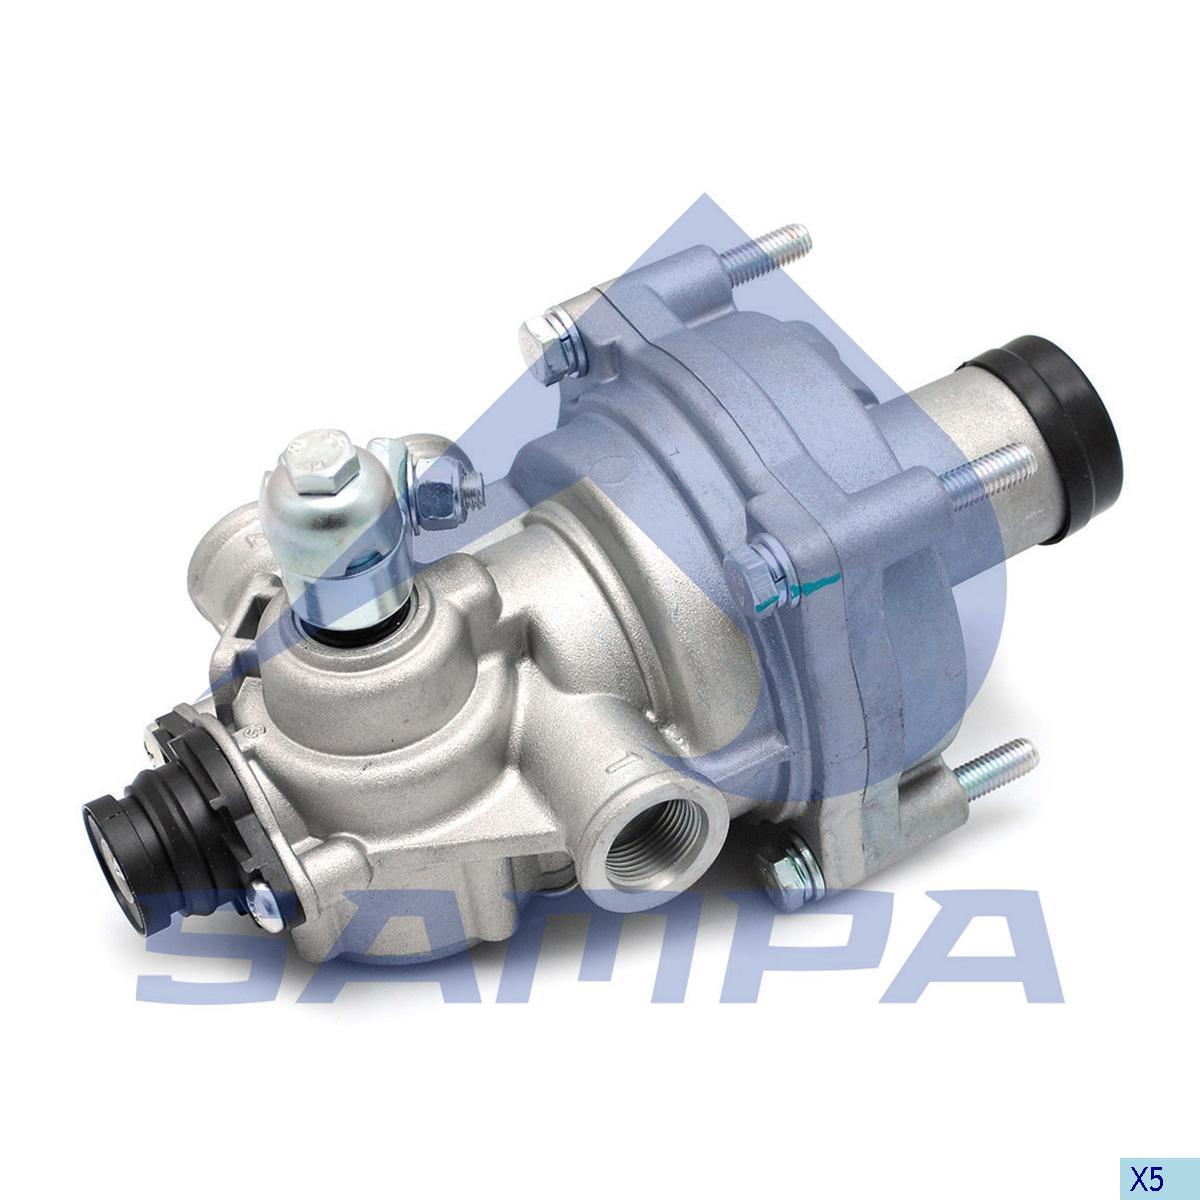 Brake Pressure Regulator, Mercedes, Compressed Air System